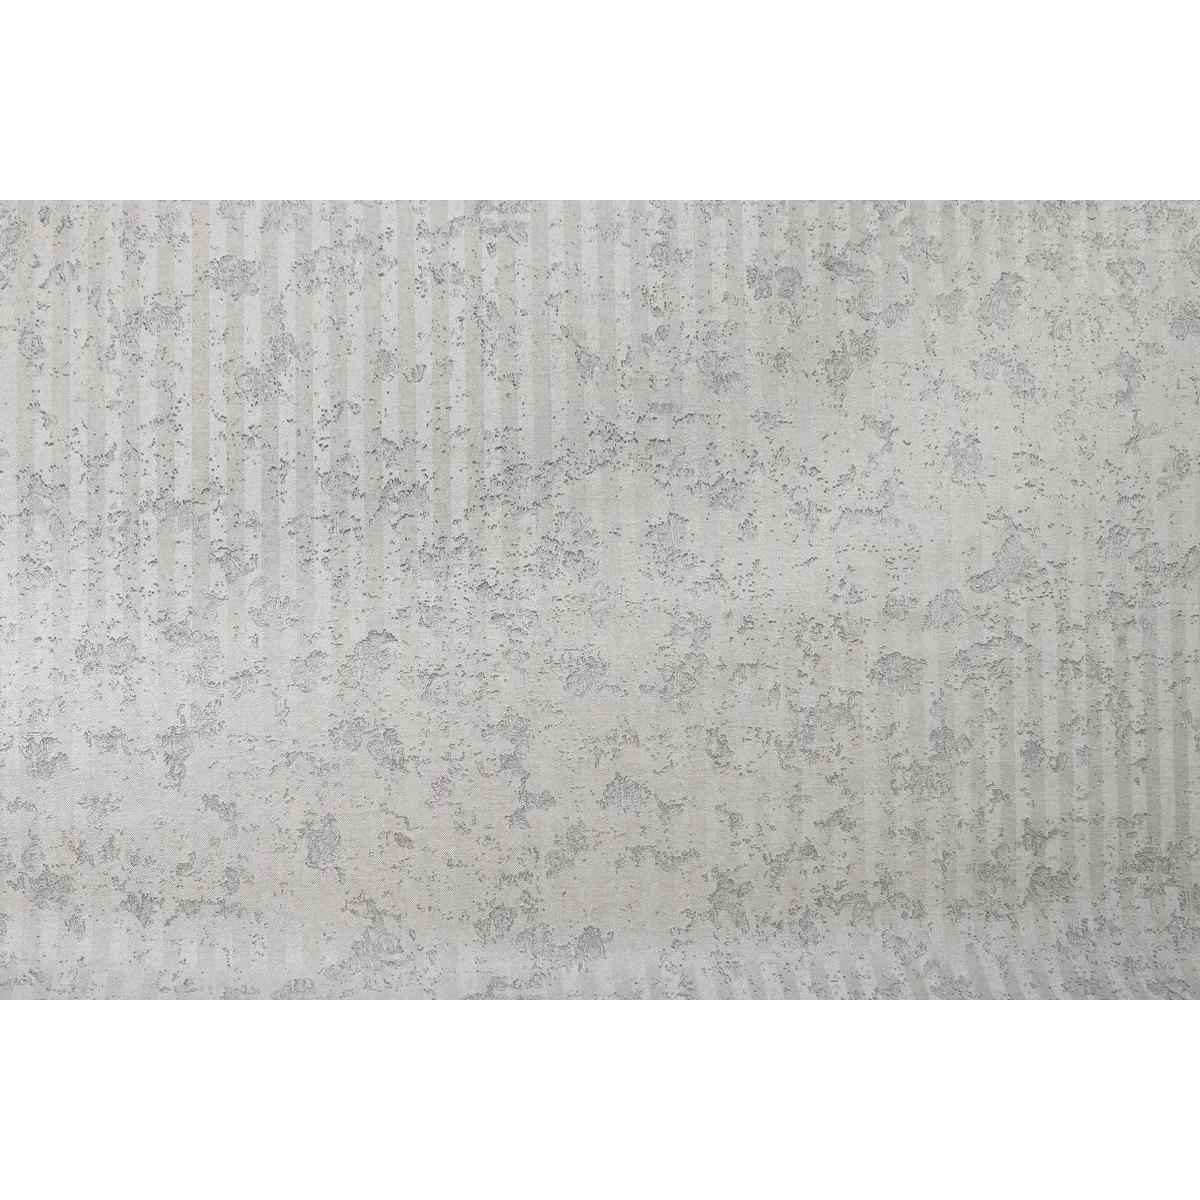 Обои флизелиновые Elysium Месса фон серые Е83602 1.06 м